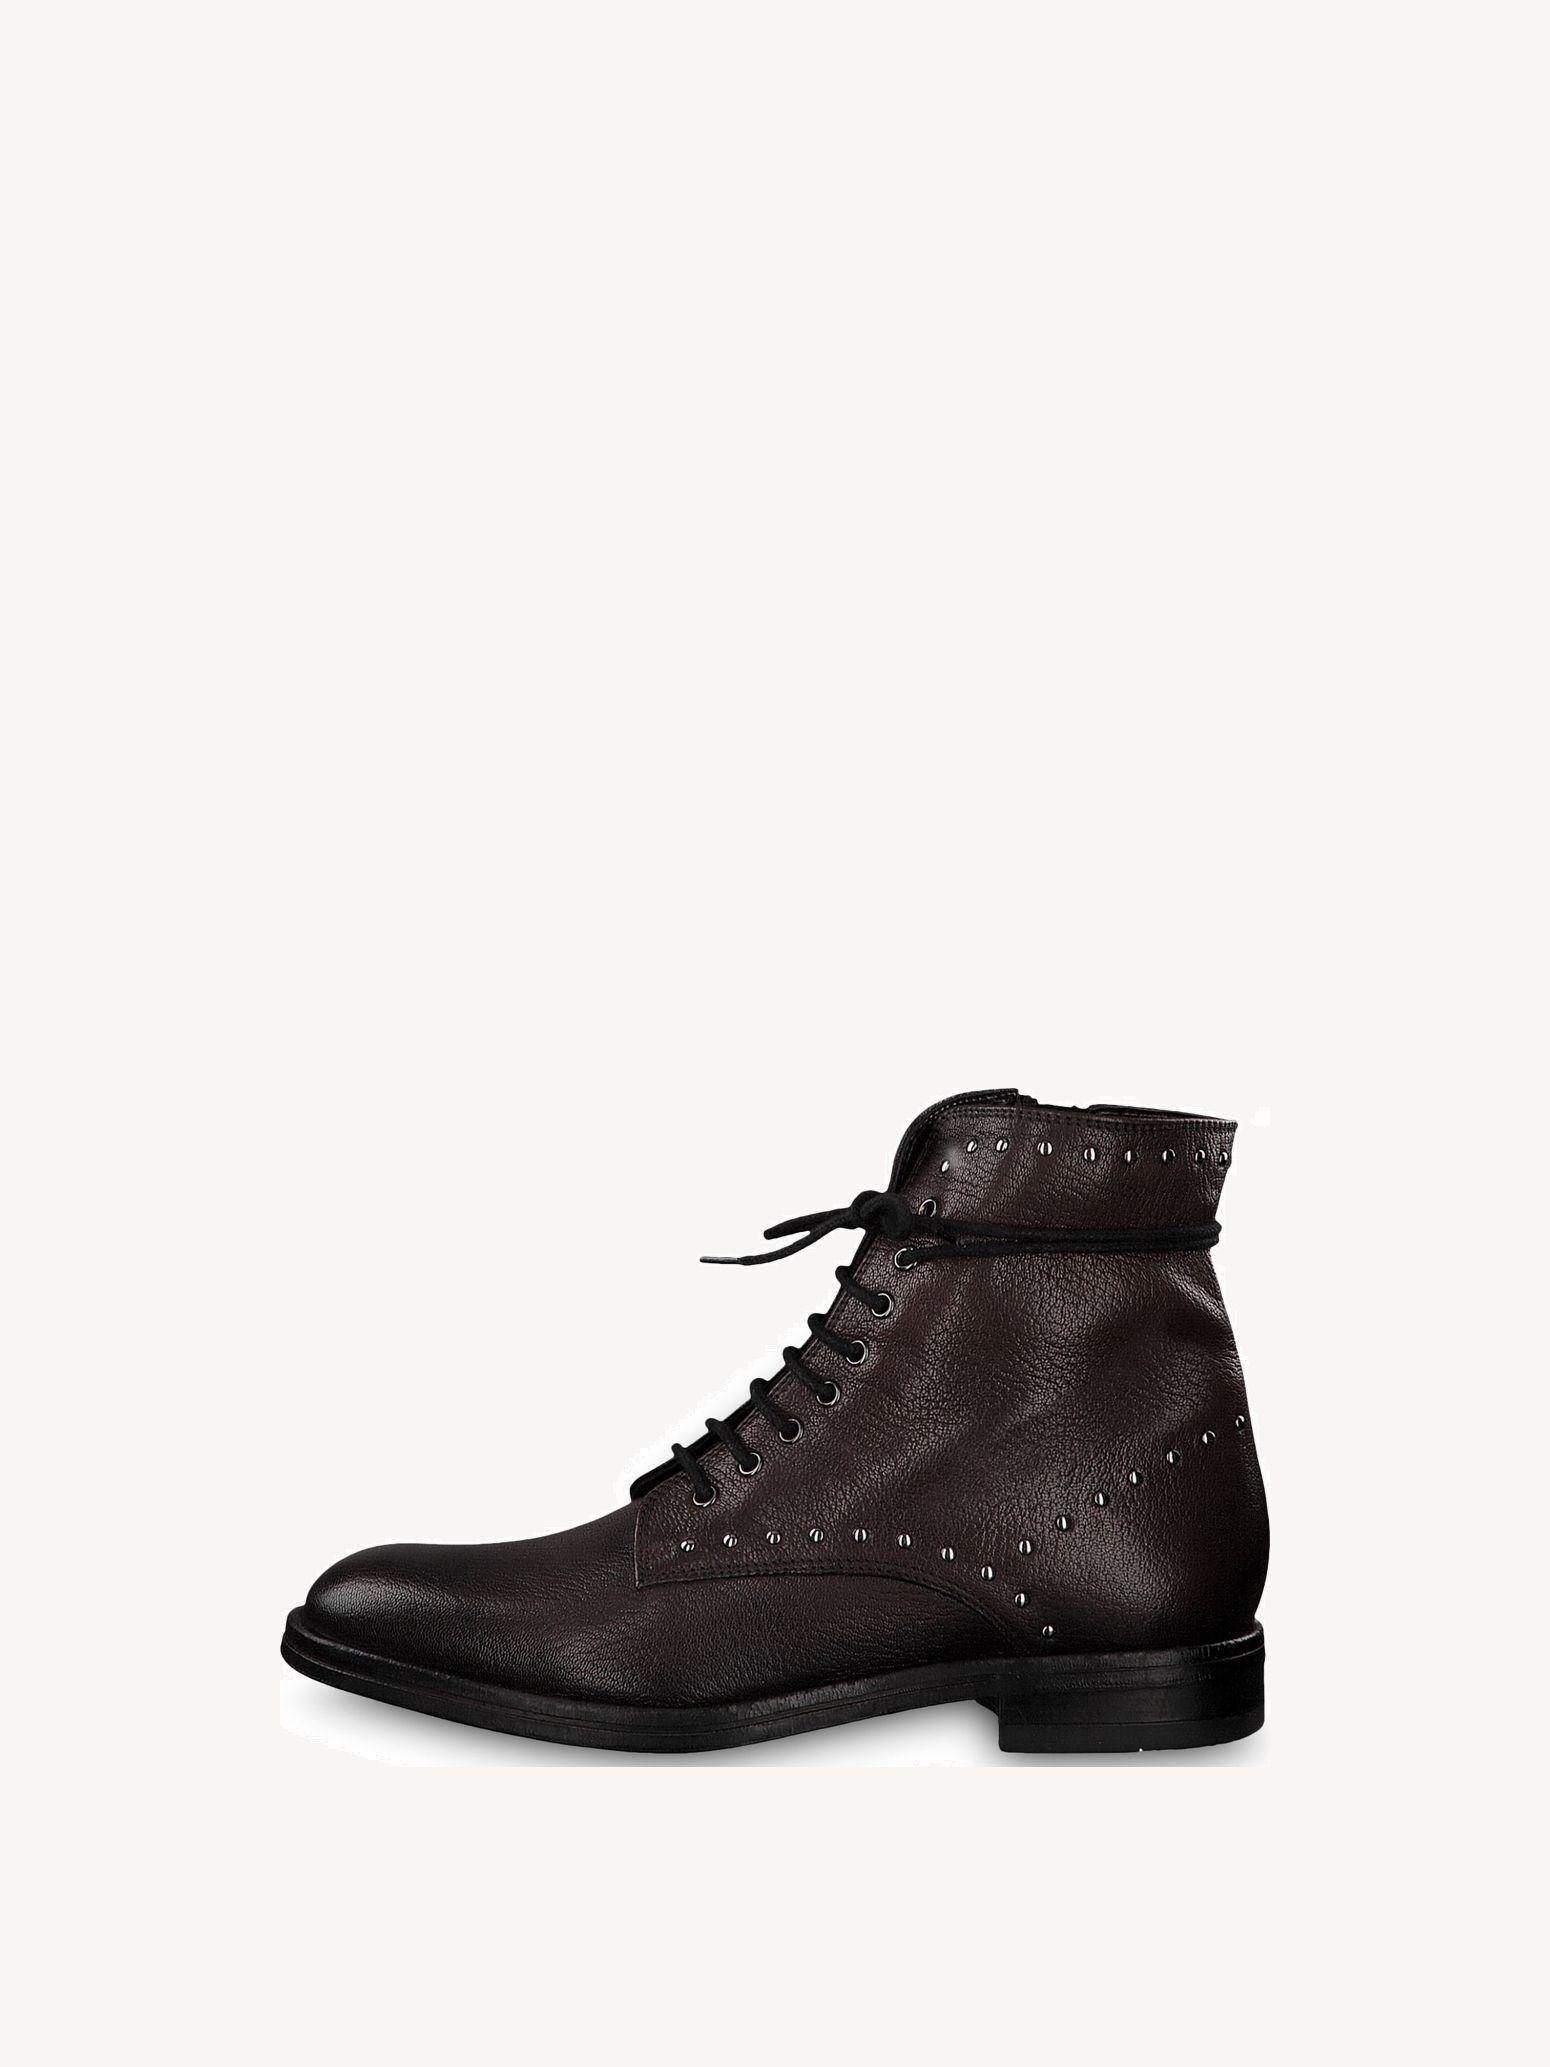 Femmes Tamaris Nos Découvrez Pour Chaussures eD9Ib2YWEH